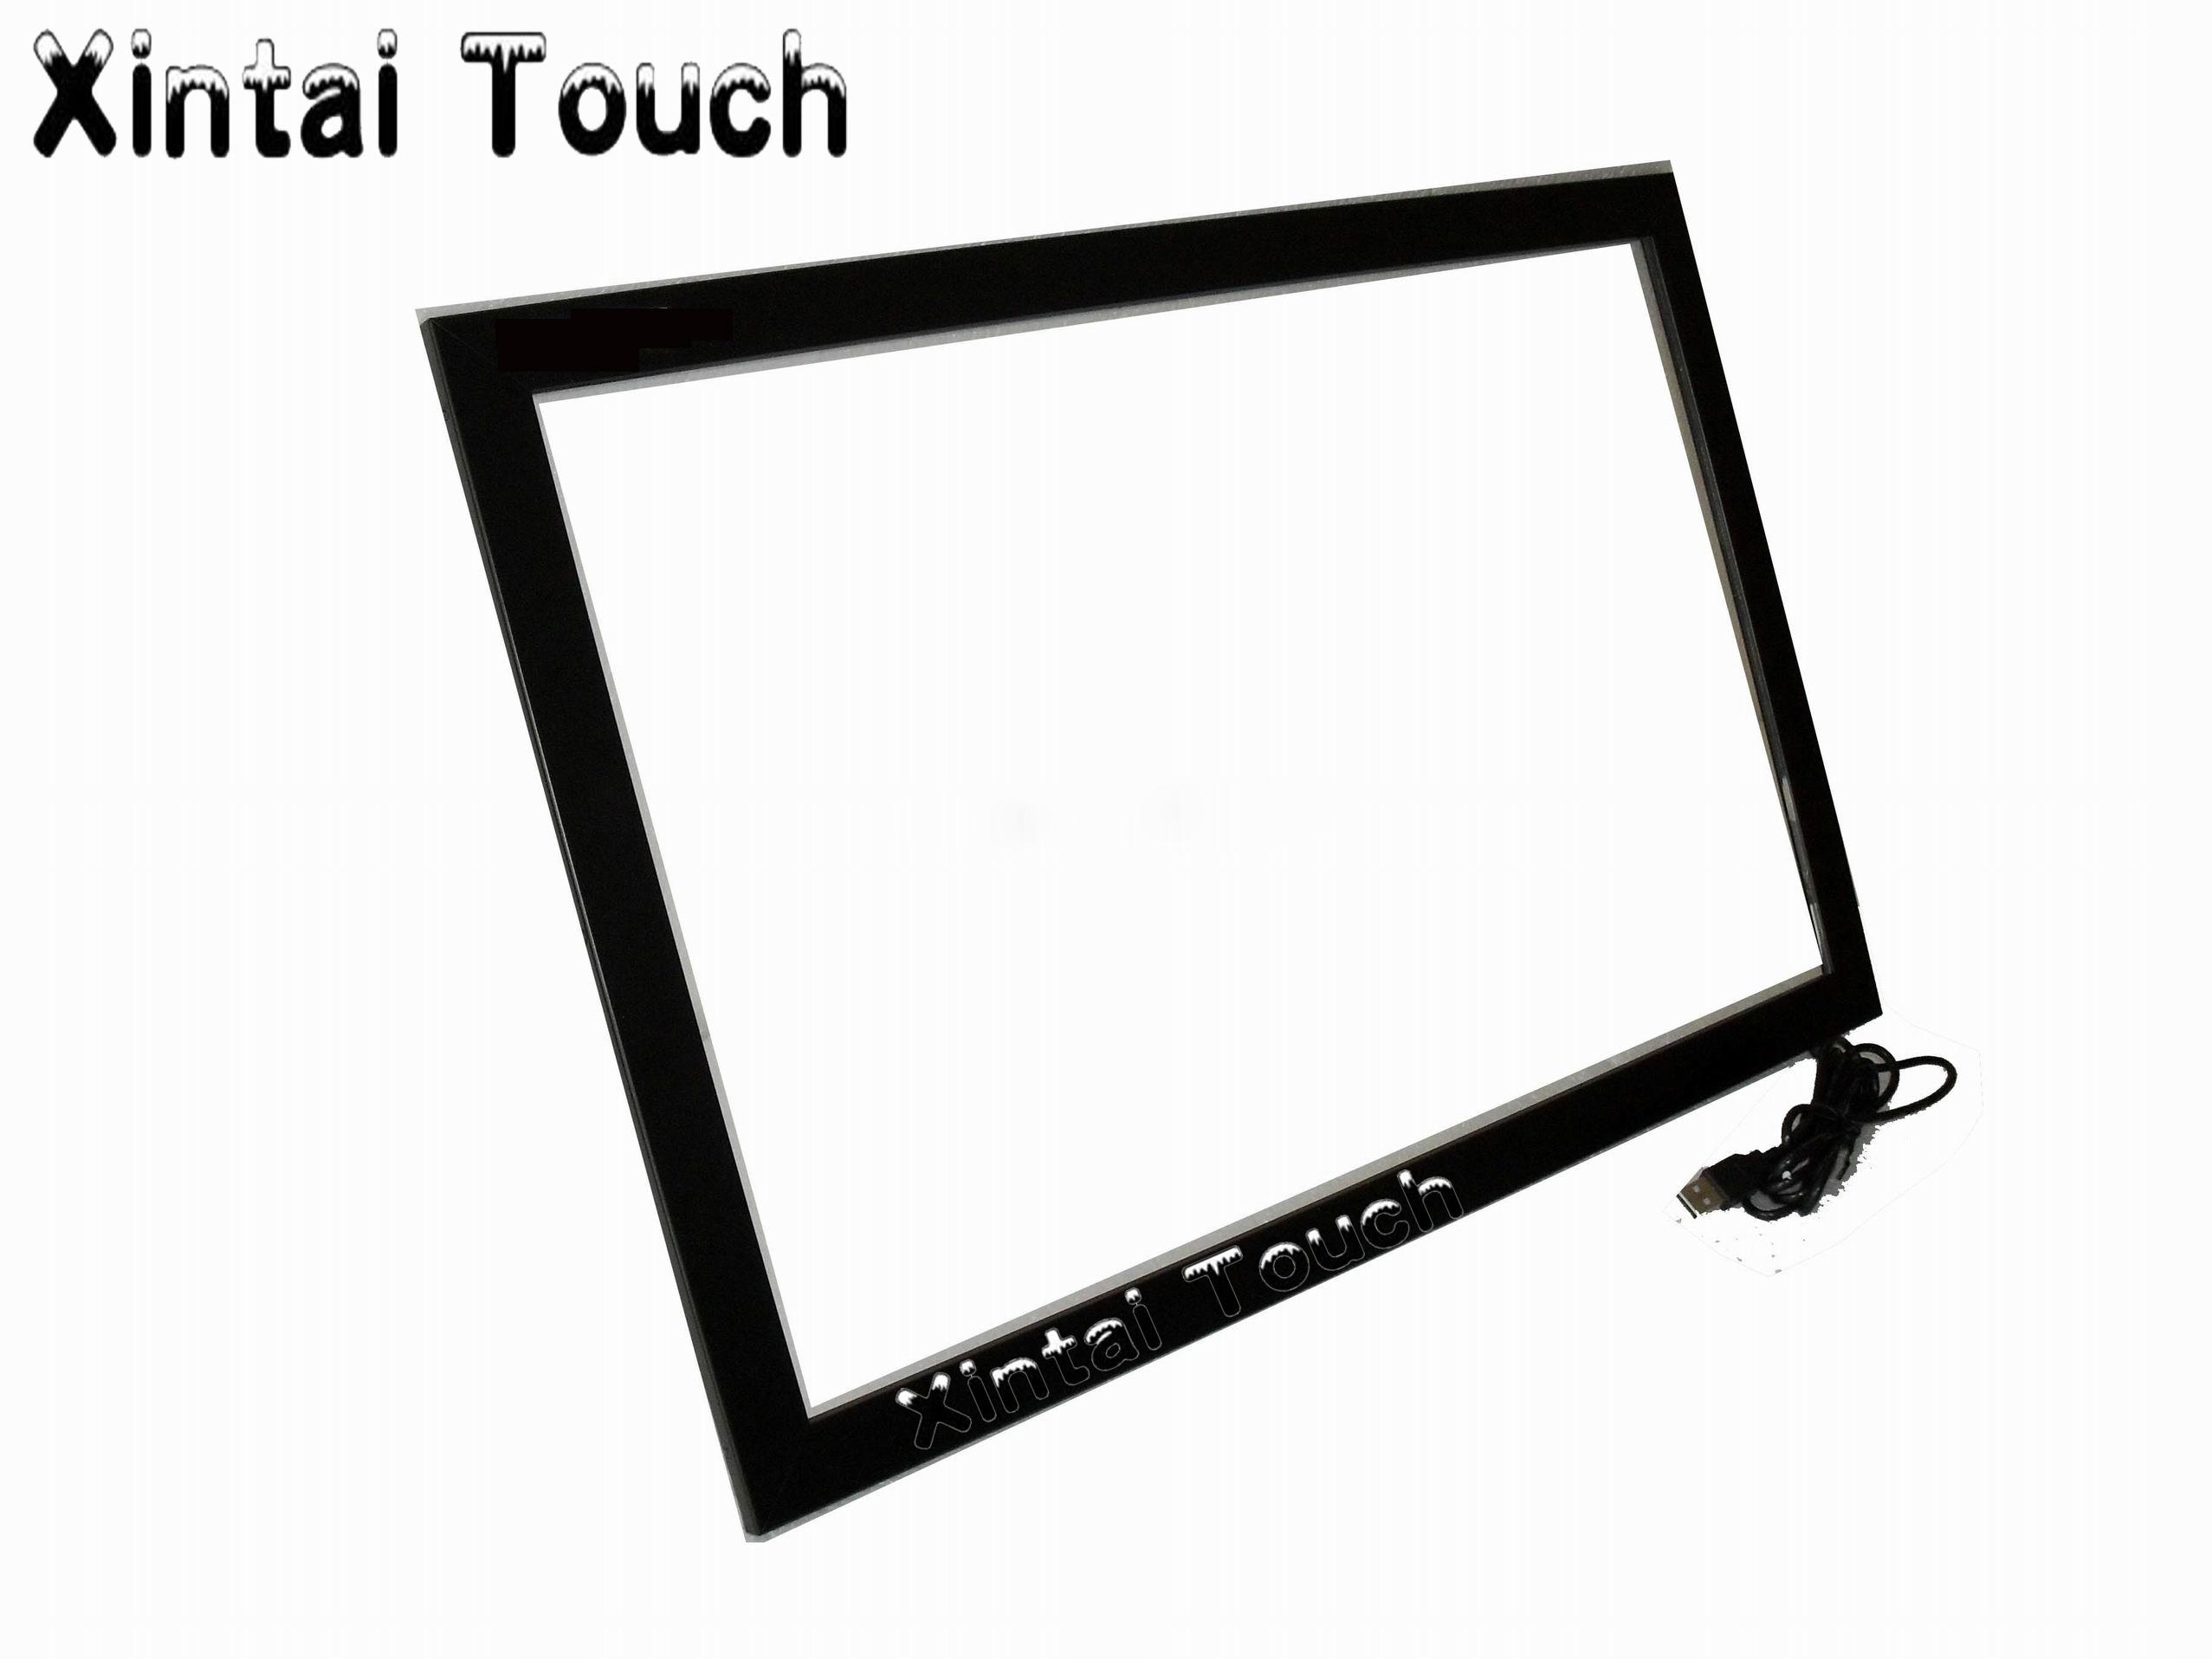 ¡Envío GRATUITO! Kit de superposición de pantalla táctil multitáctil IR/Marco de pantalla táctil multitáctil de 85 pulgadas 10 para mesa interactiva/quiosco táctil